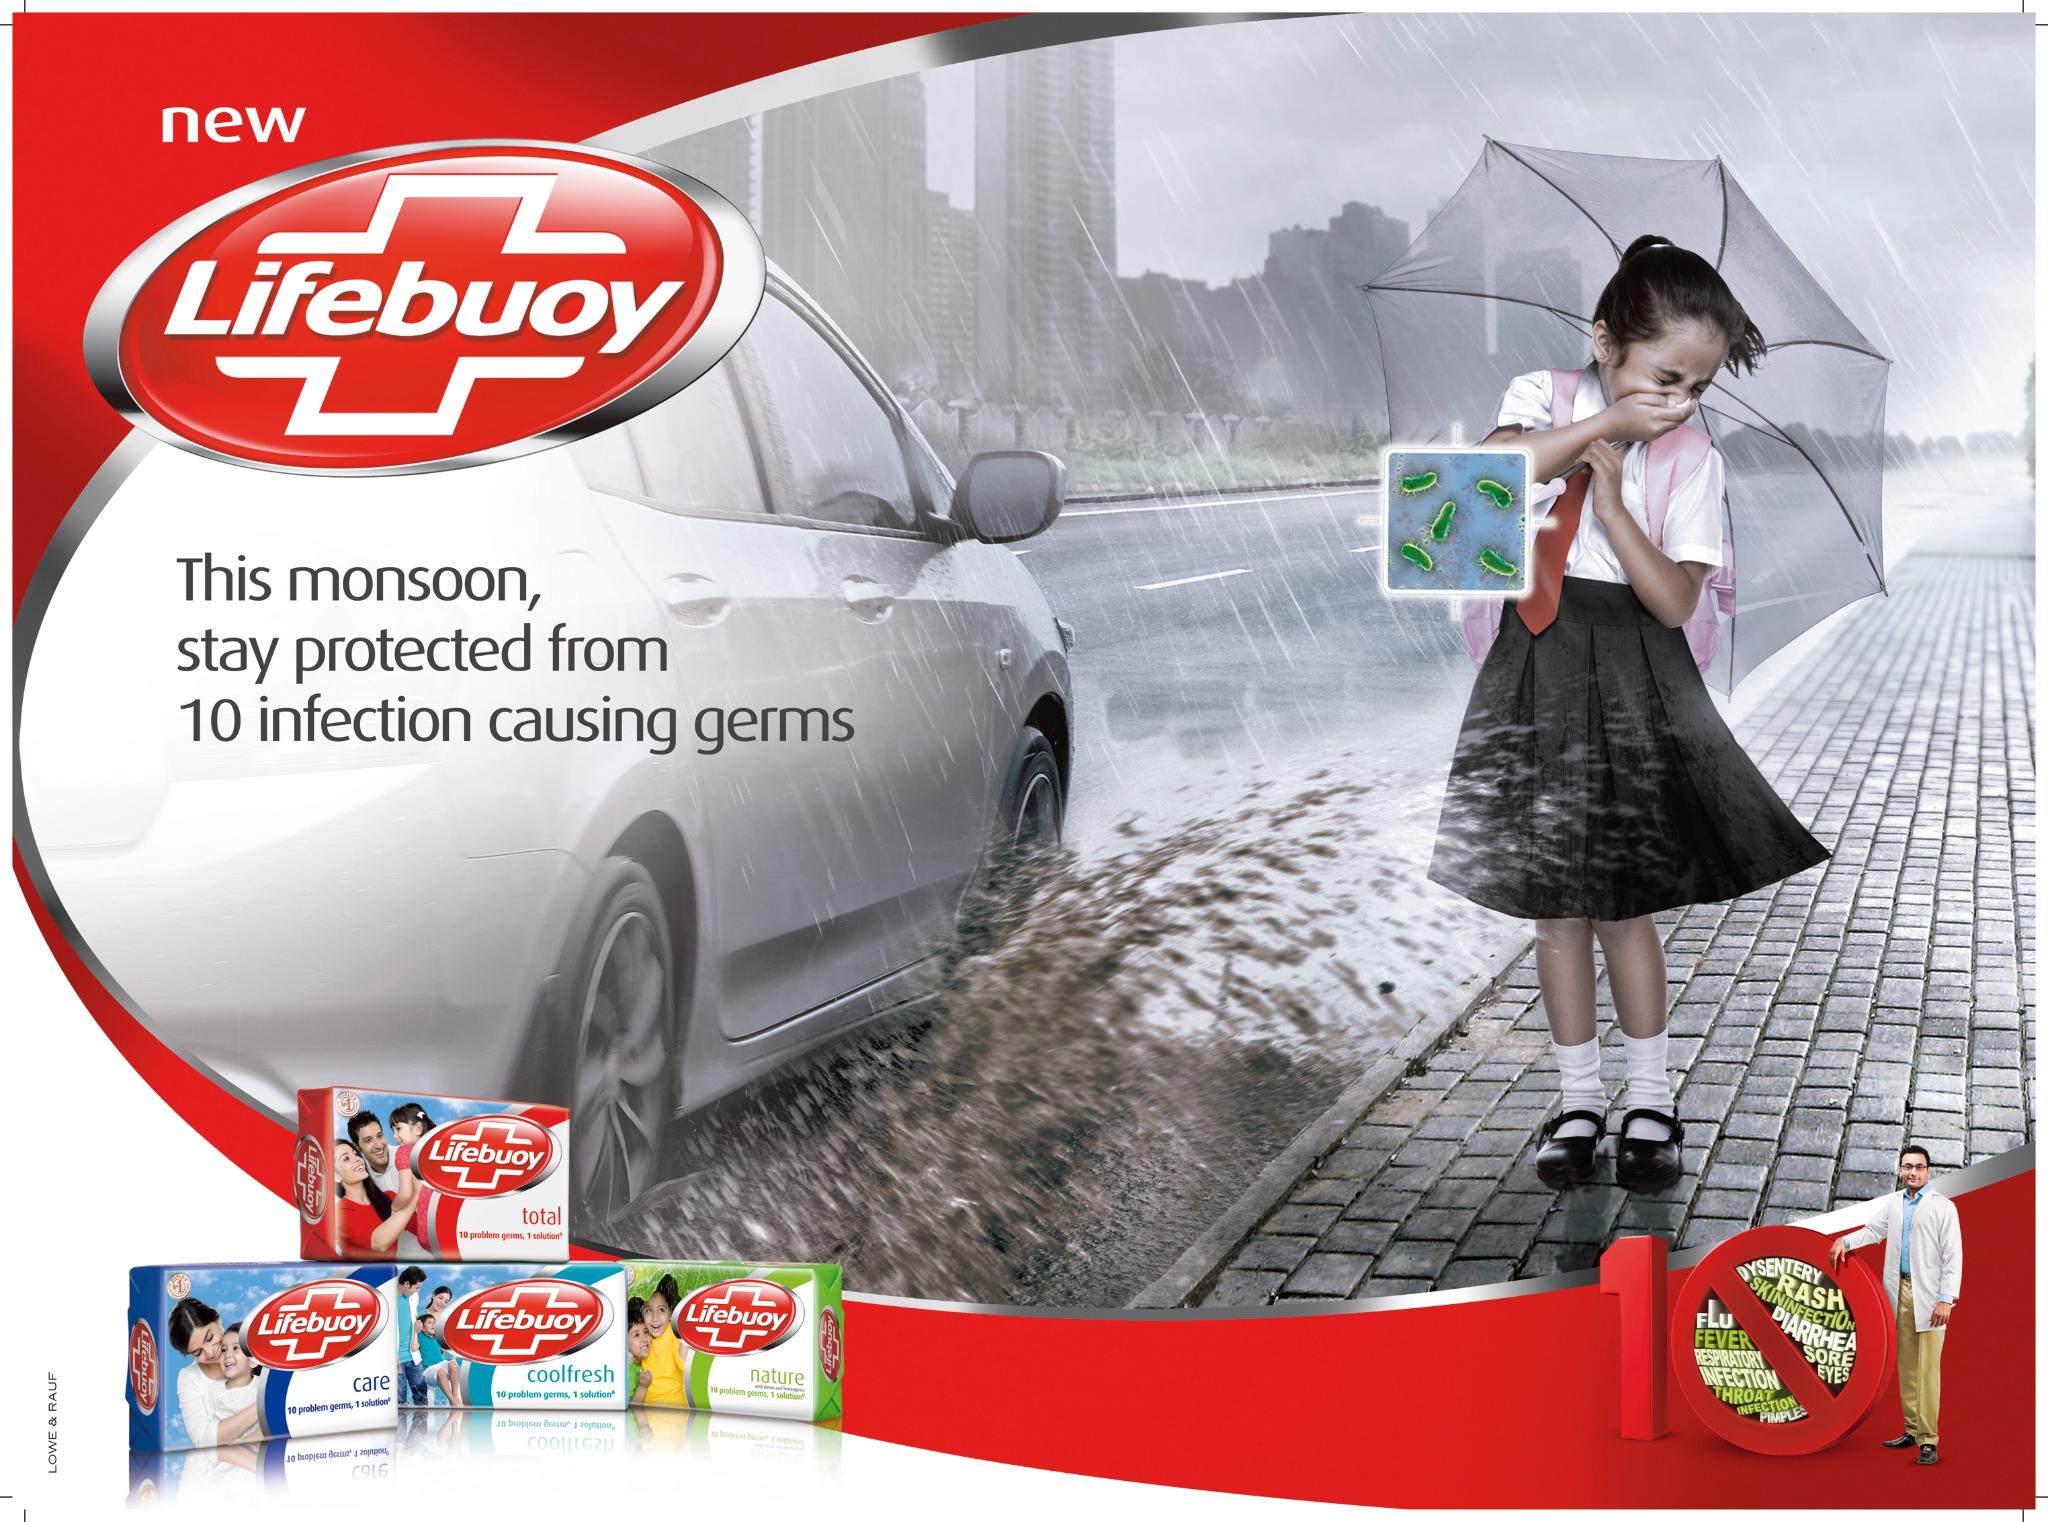 Visual storytelling marketing by Lifebuoy